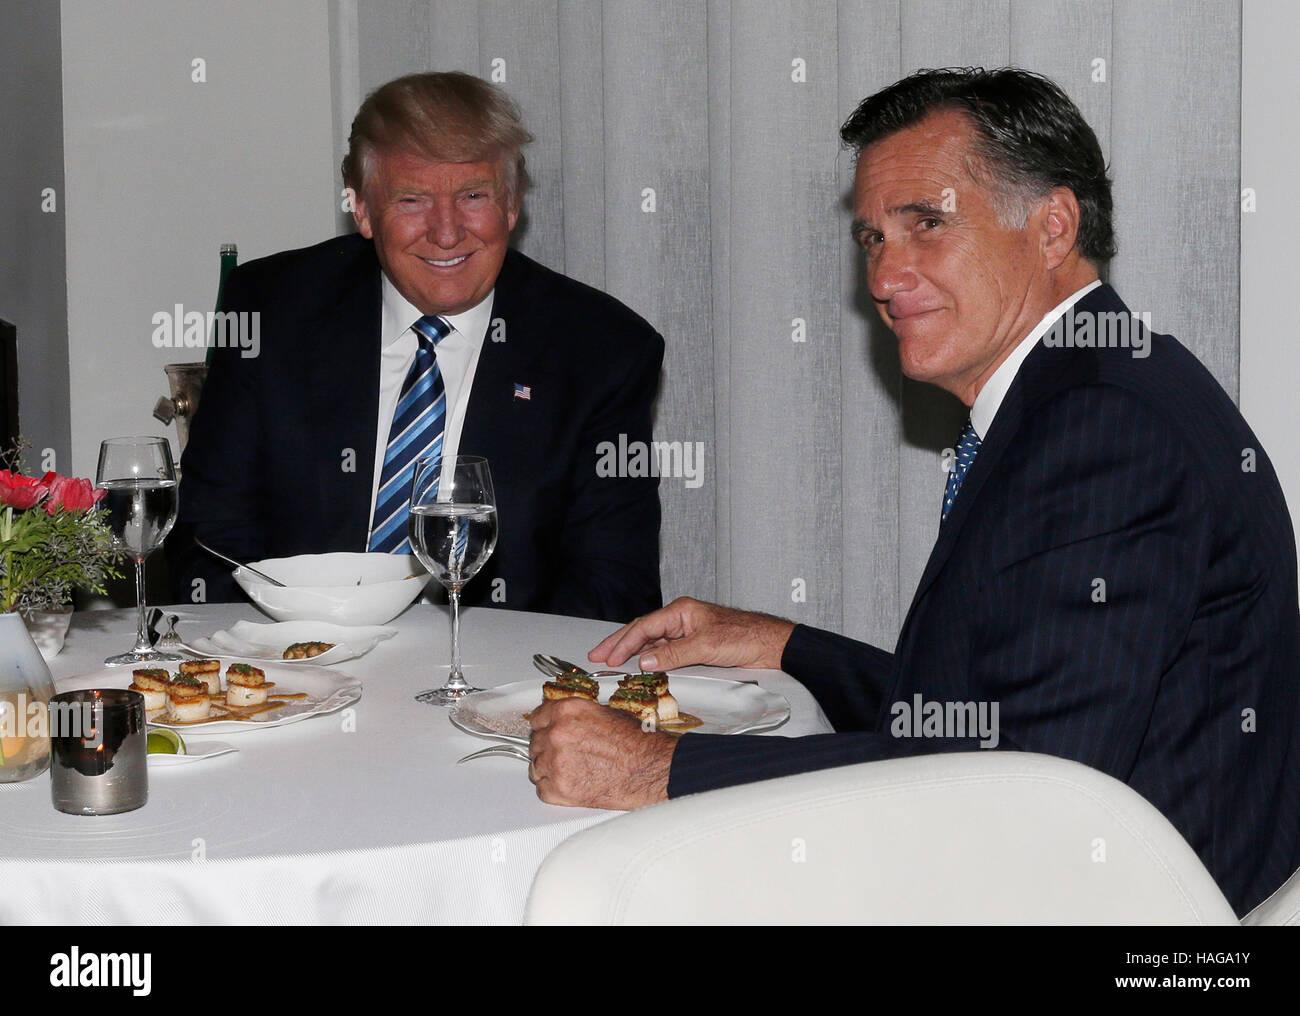 New York City. 29. November 2016. Vereinigte Staaten Präsident elect Donald Trump sitzt an einem Tisch mit Stockbild